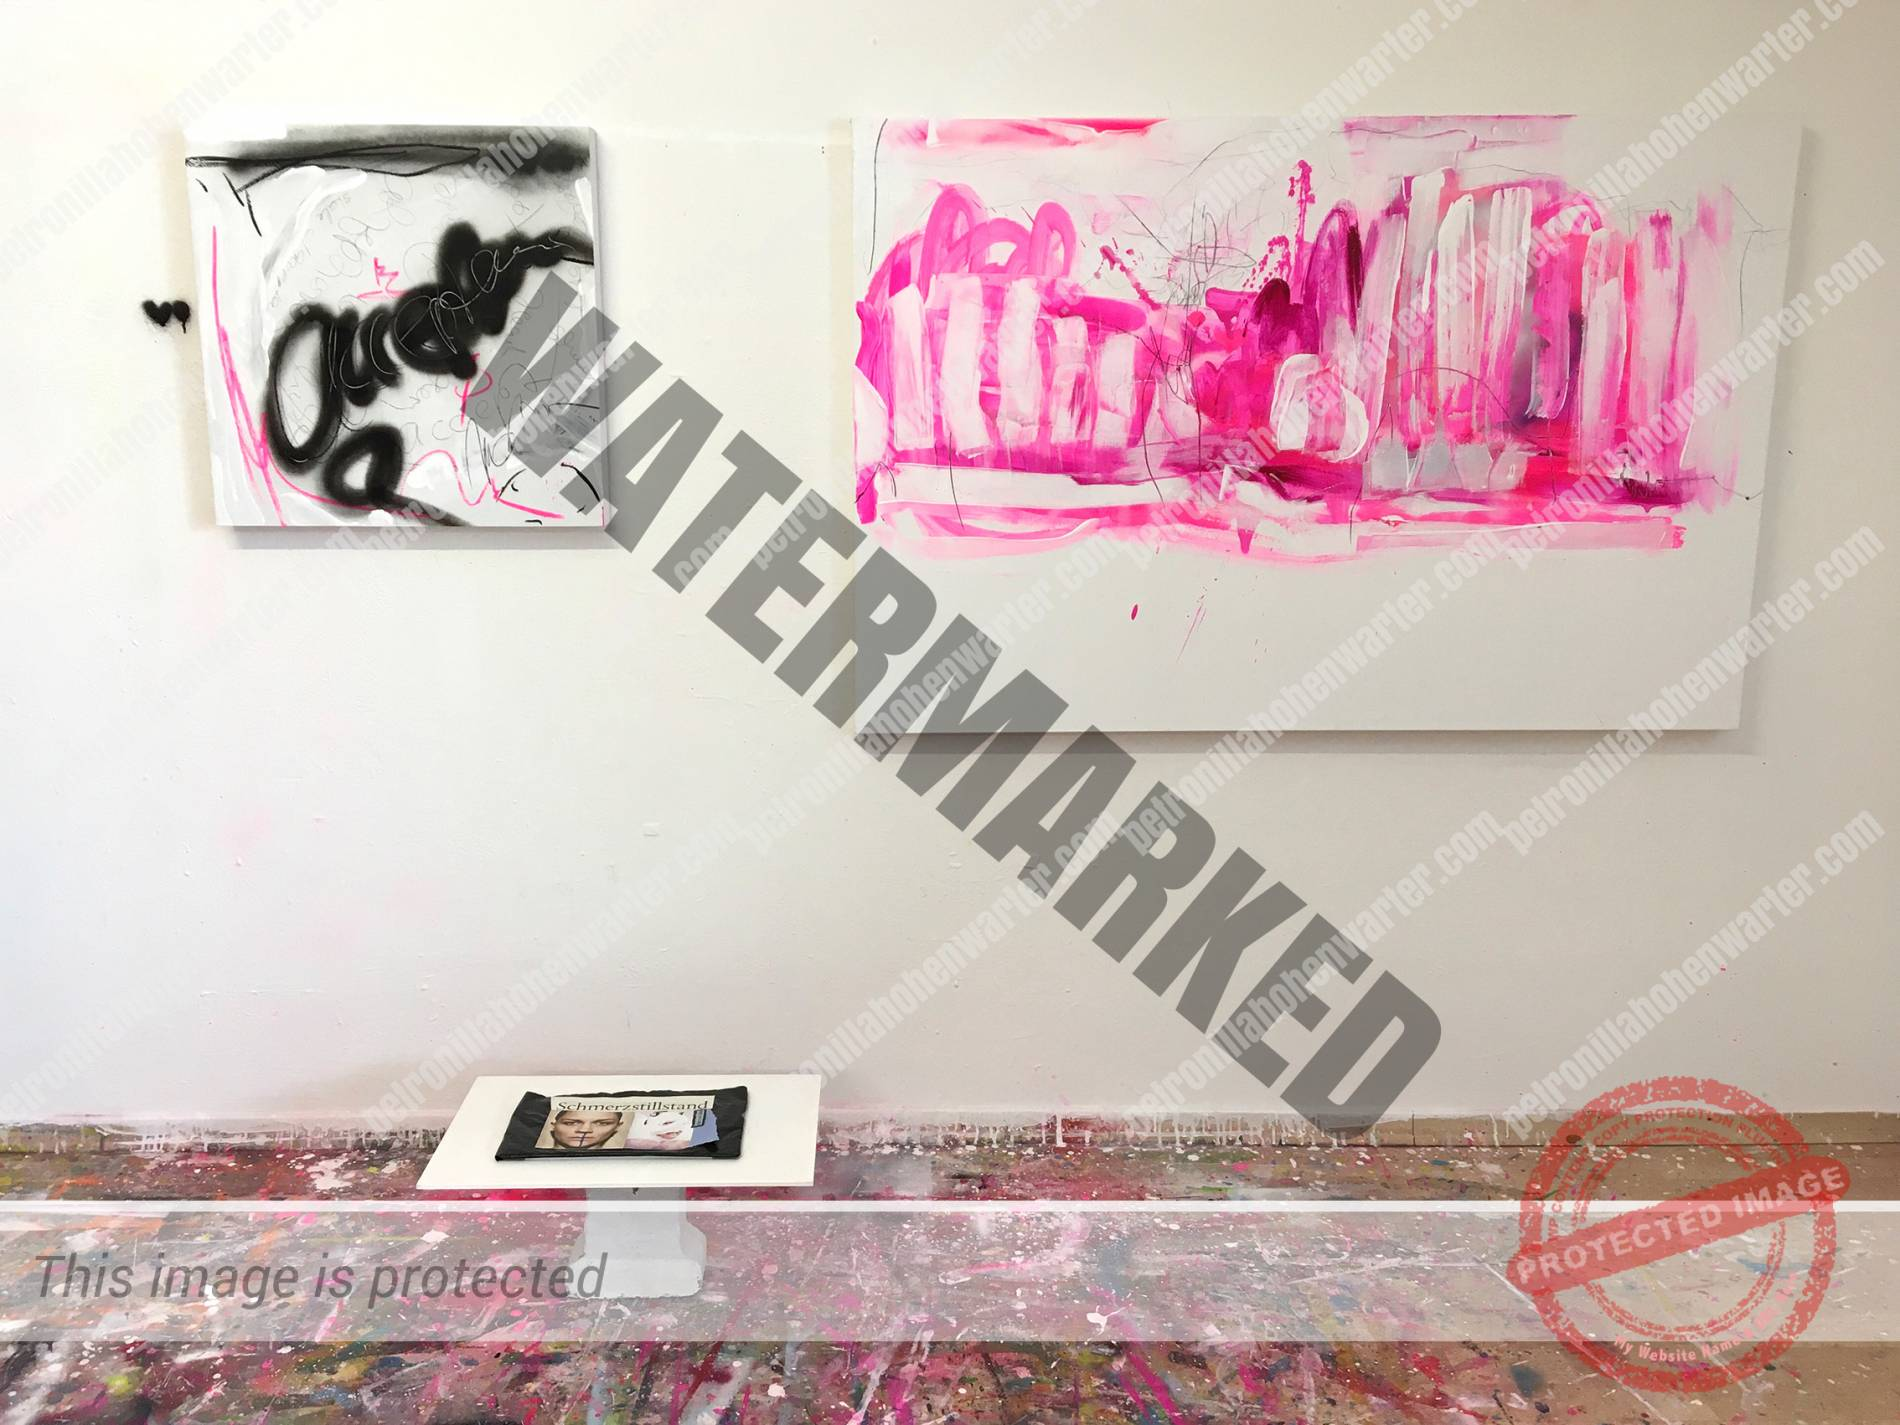 art installation schmerzstillstand Petronilla Hohenwarter acceptance detachment love pink black artwork canvas collage